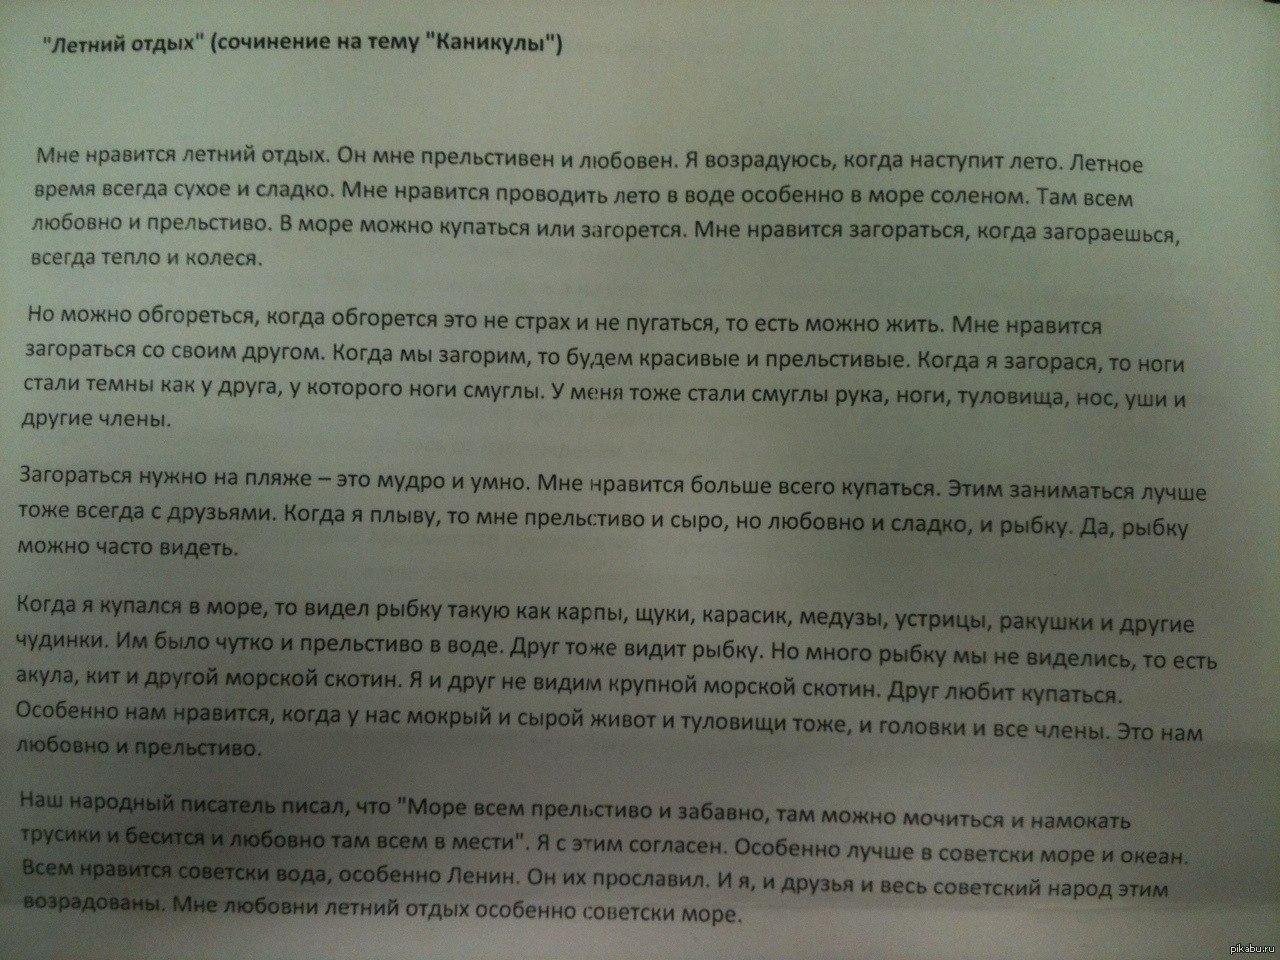 Как я провёл зимние каникулы сочинение на татарском языке